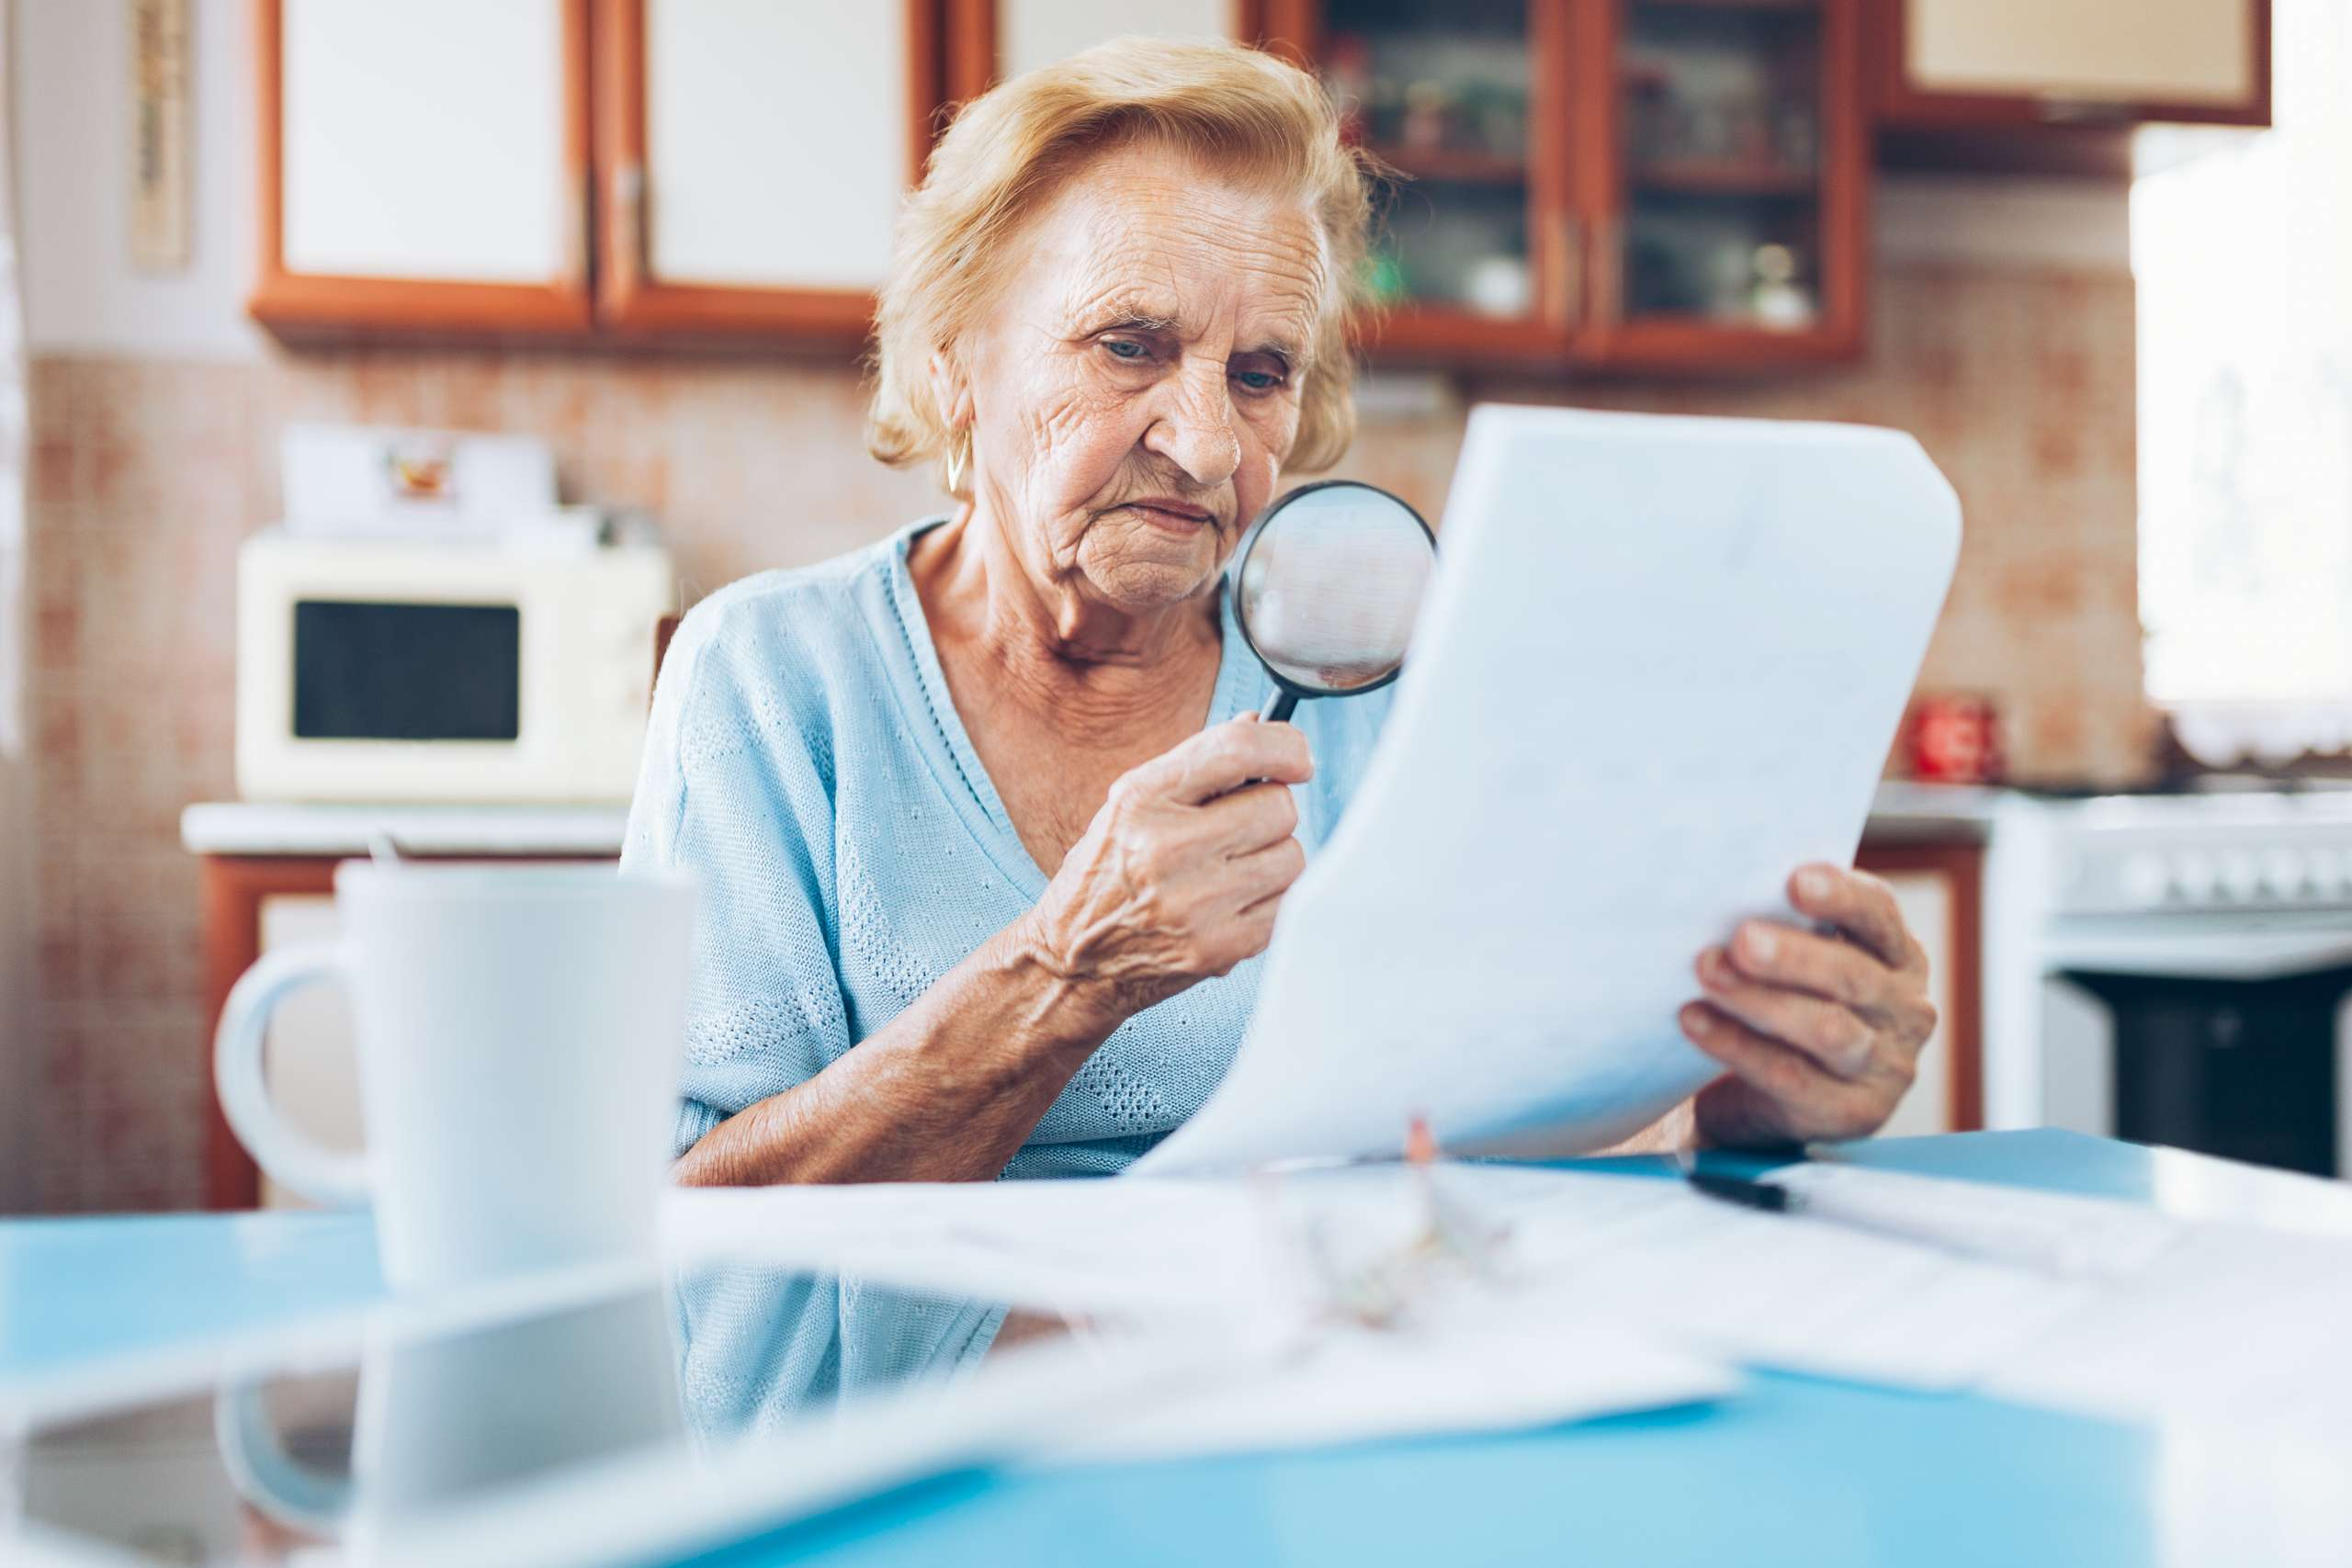 Senior woman looking at bills at the kitchen table.